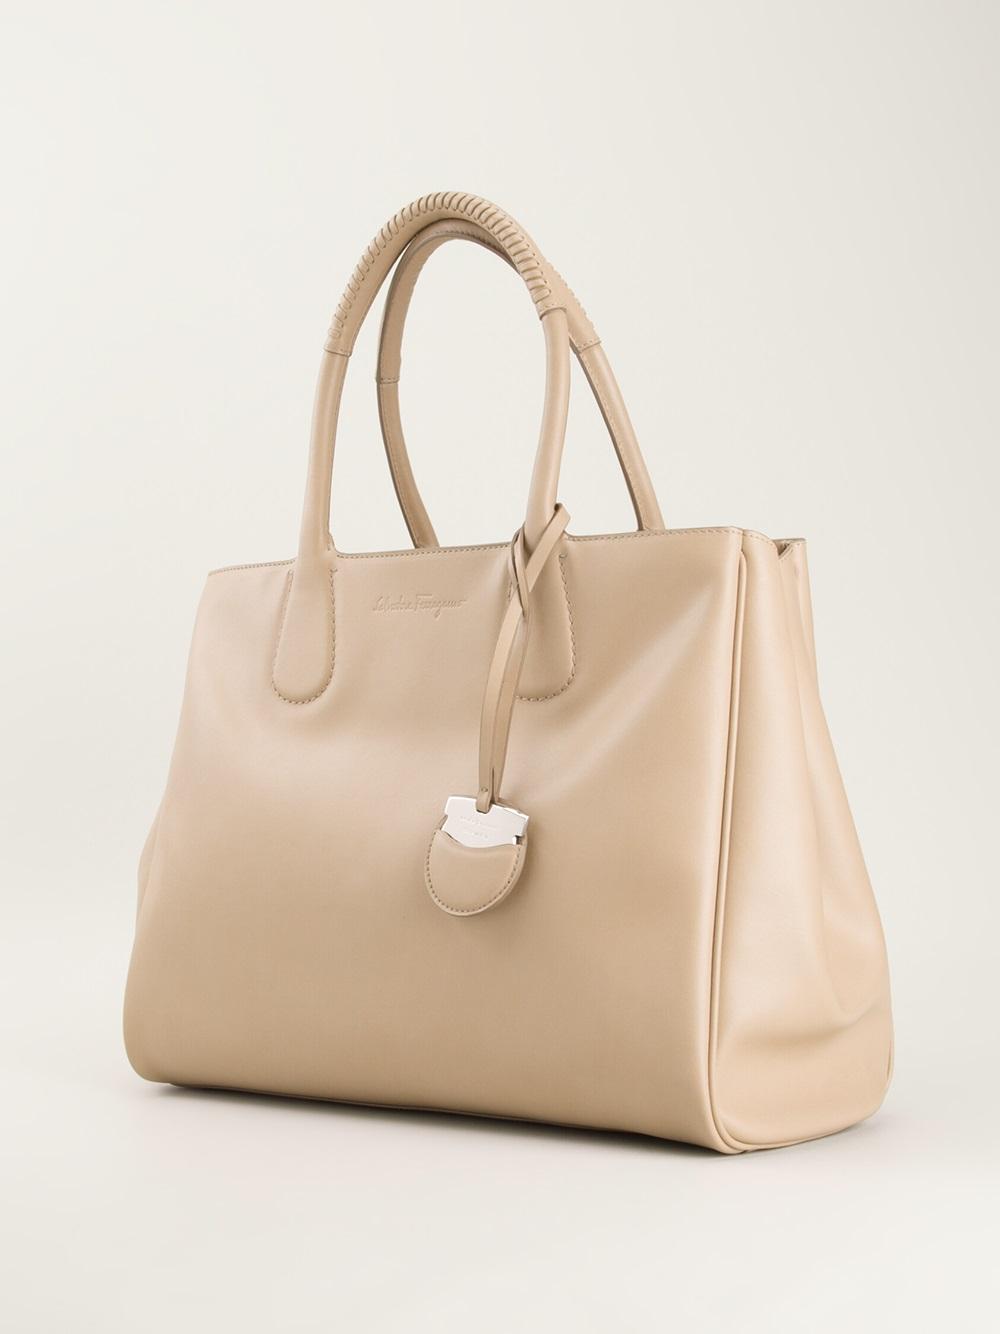 0a49bff4701 Lyst - Ferragamo Nolita Tote Bag in Natural